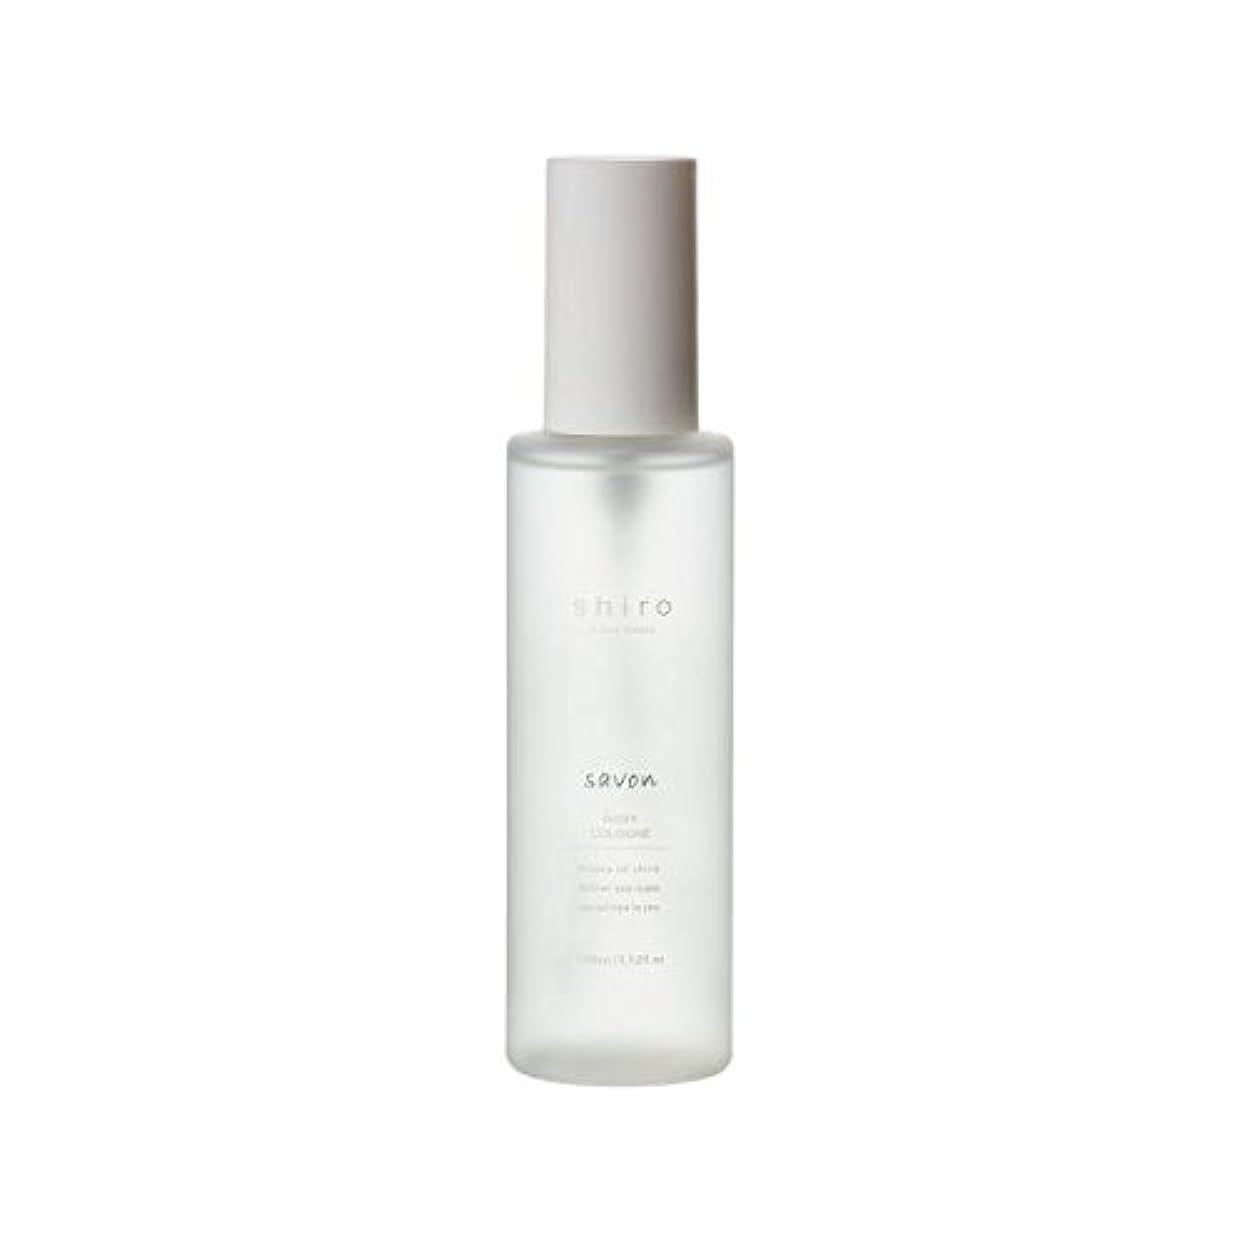 移動する膨らませる冗長shiro サボン ボディコロン 100ml 清潔で透明感のある自然な石けんの香り ミスト シロ